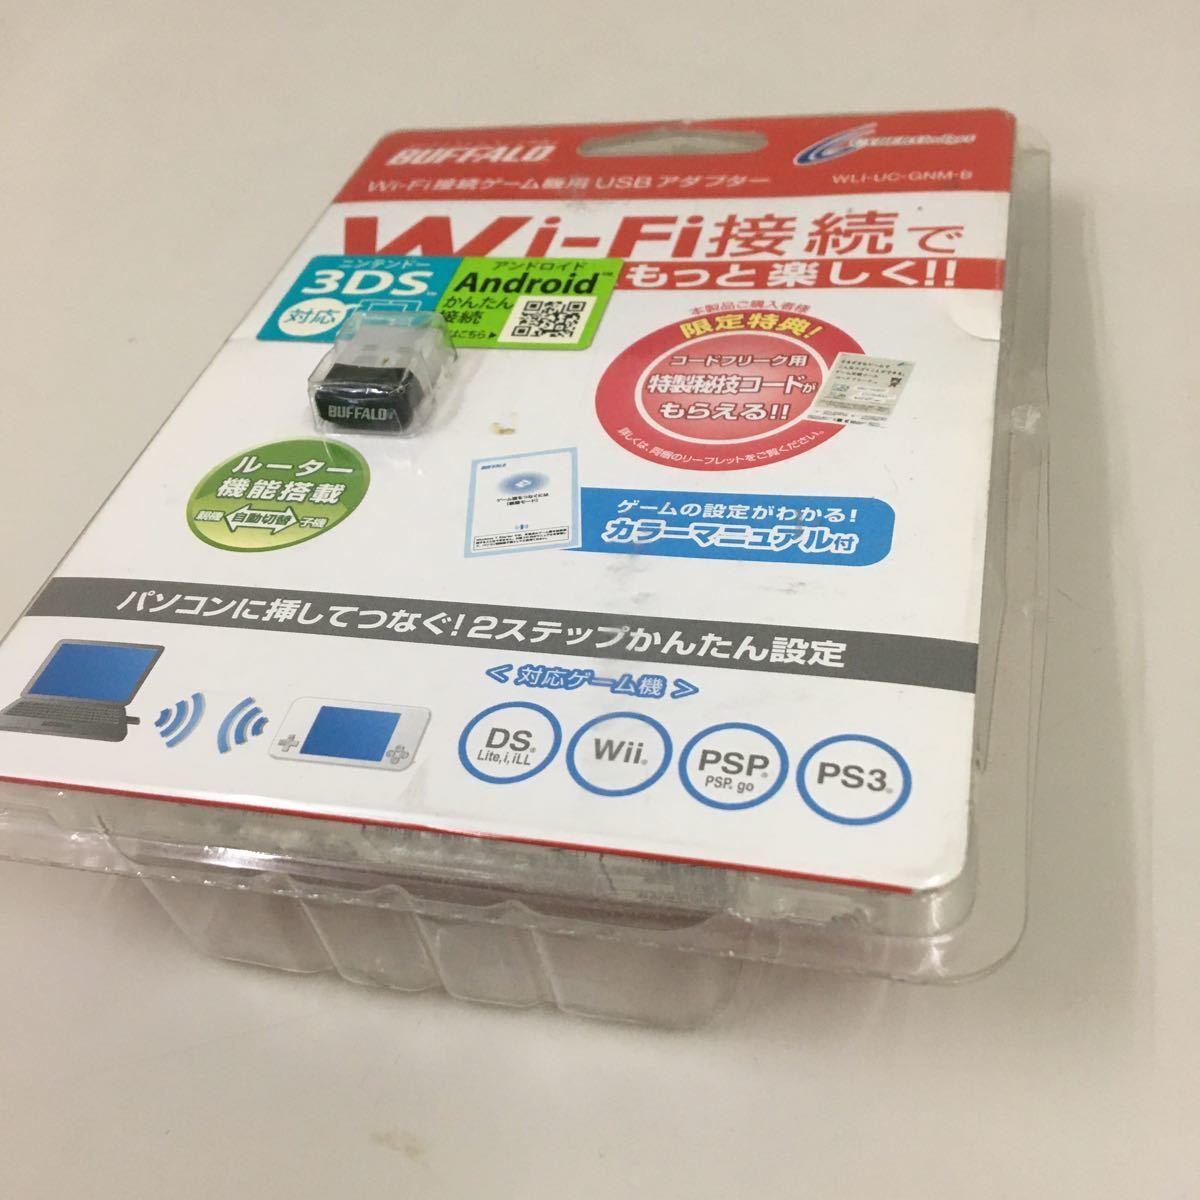 新品 バッファロー BUFFALO WLI-UC-GNM [IEEE802.11n対応 USB無線LAN子機 ソフトウェアルーター機能搭載]Wi-Fi USBアダプター